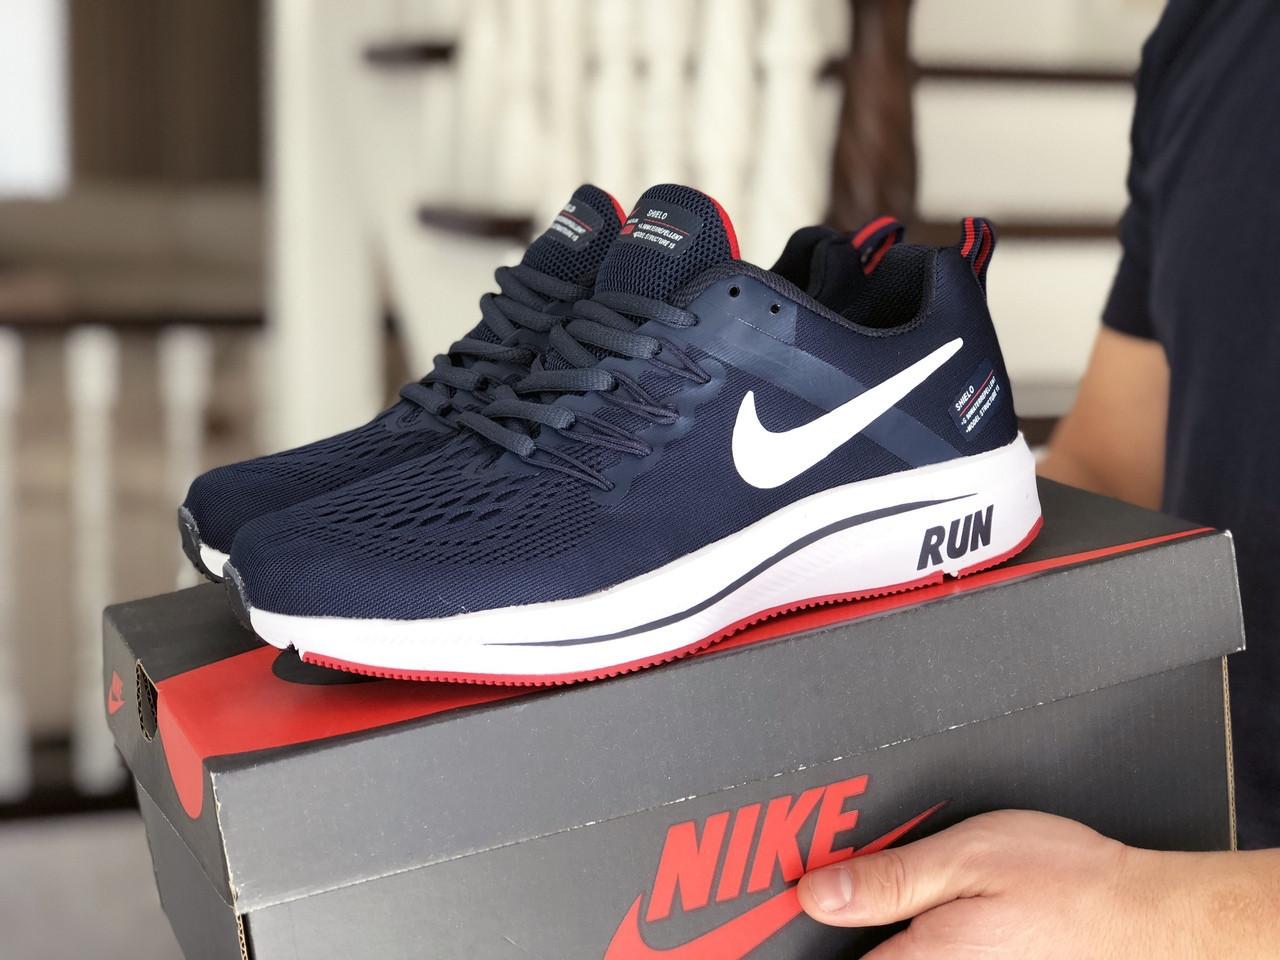 Чоловічі кросівки Nike Run shield (темно-сині з білим) 9070